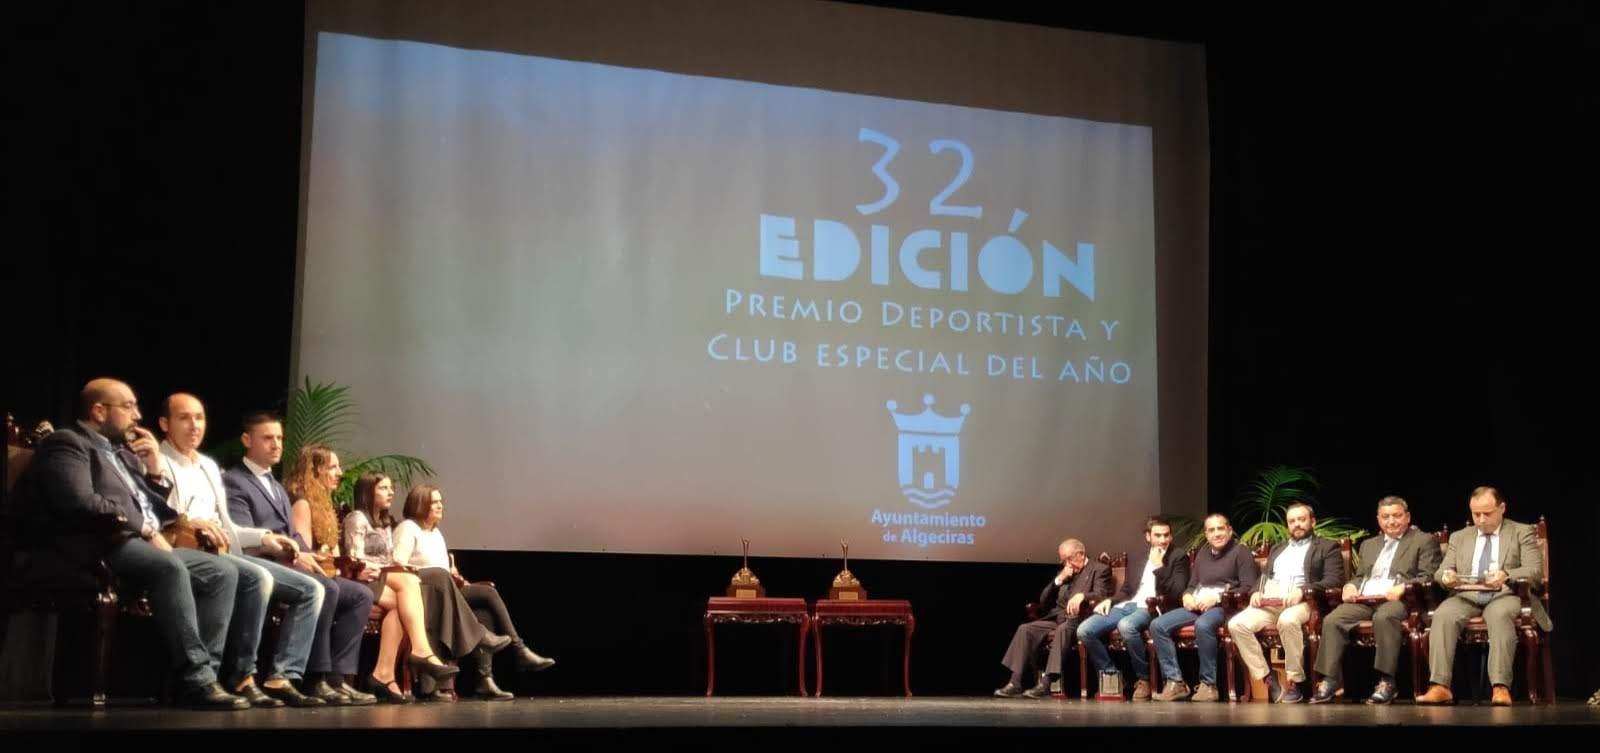 El PSOE felicita a los deportistas y clubes reconocidos en la gala del Deporte algecireño